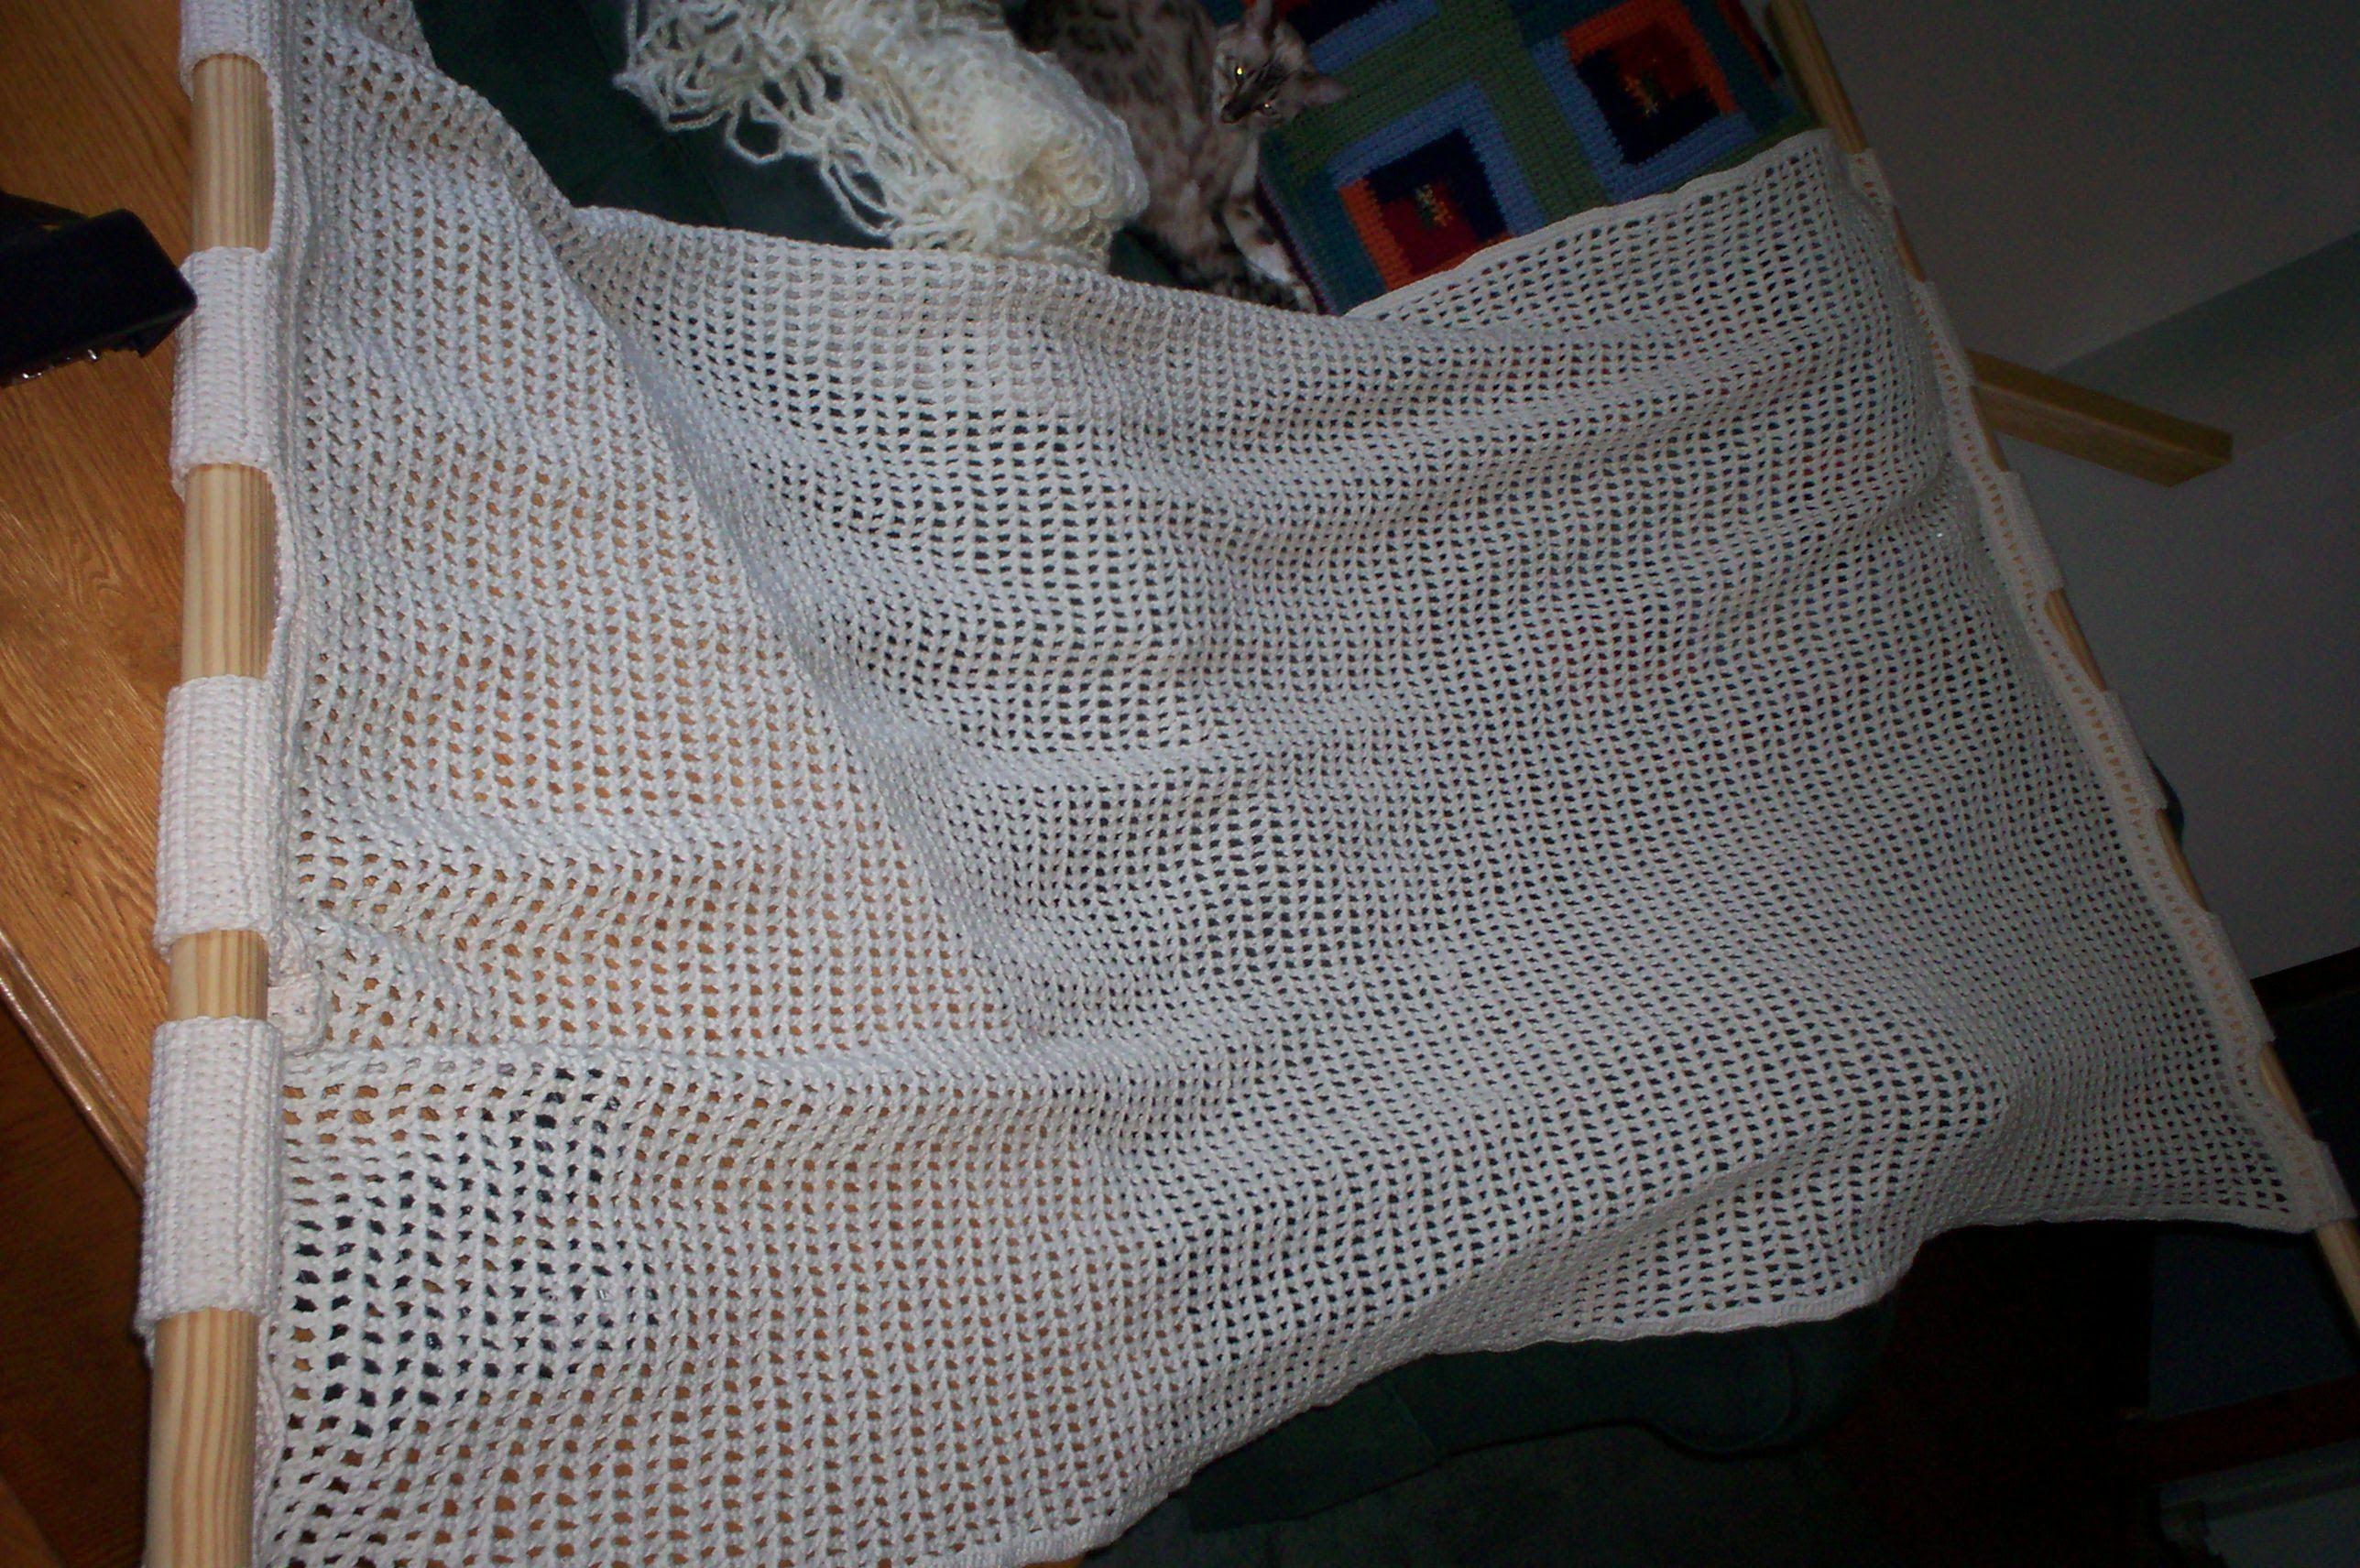 Crocheted Hammock Free Pattern Happyhooking Crochet